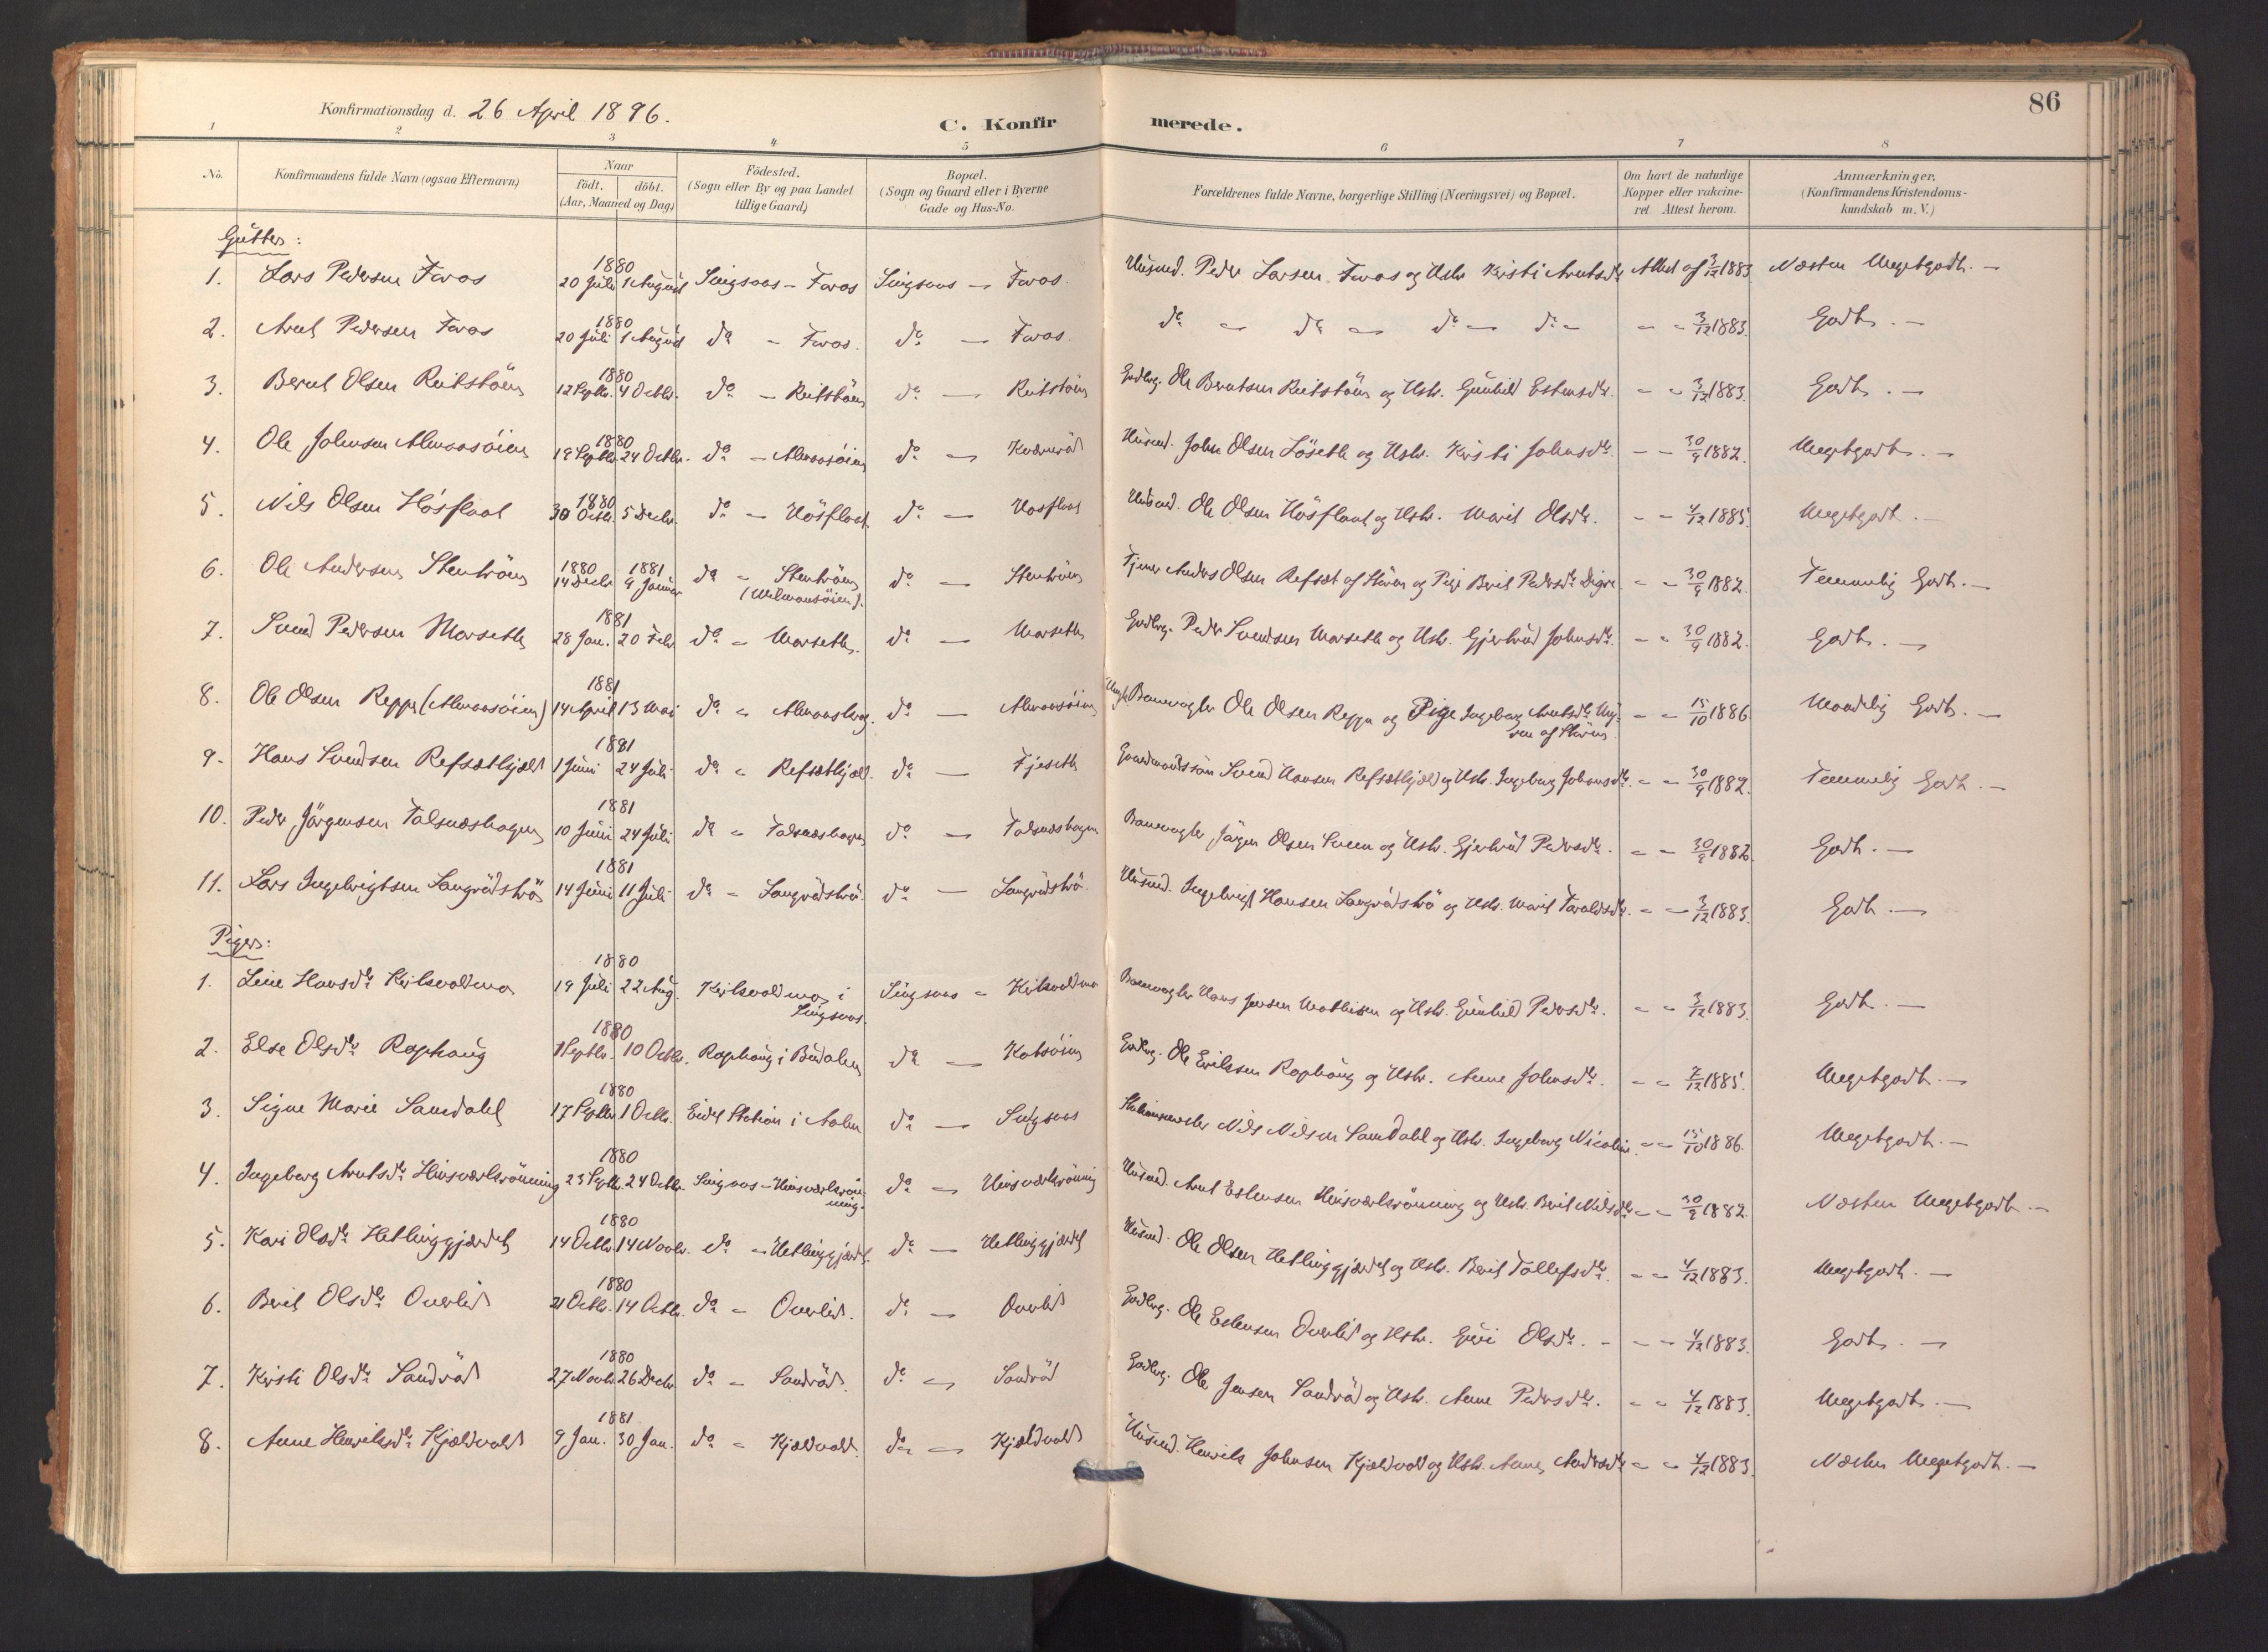 SAT, Ministerialprotokoller, klokkerbøker og fødselsregistre - Sør-Trøndelag, 688/L1025: Ministerialbok nr. 688A02, 1891-1909, s. 86